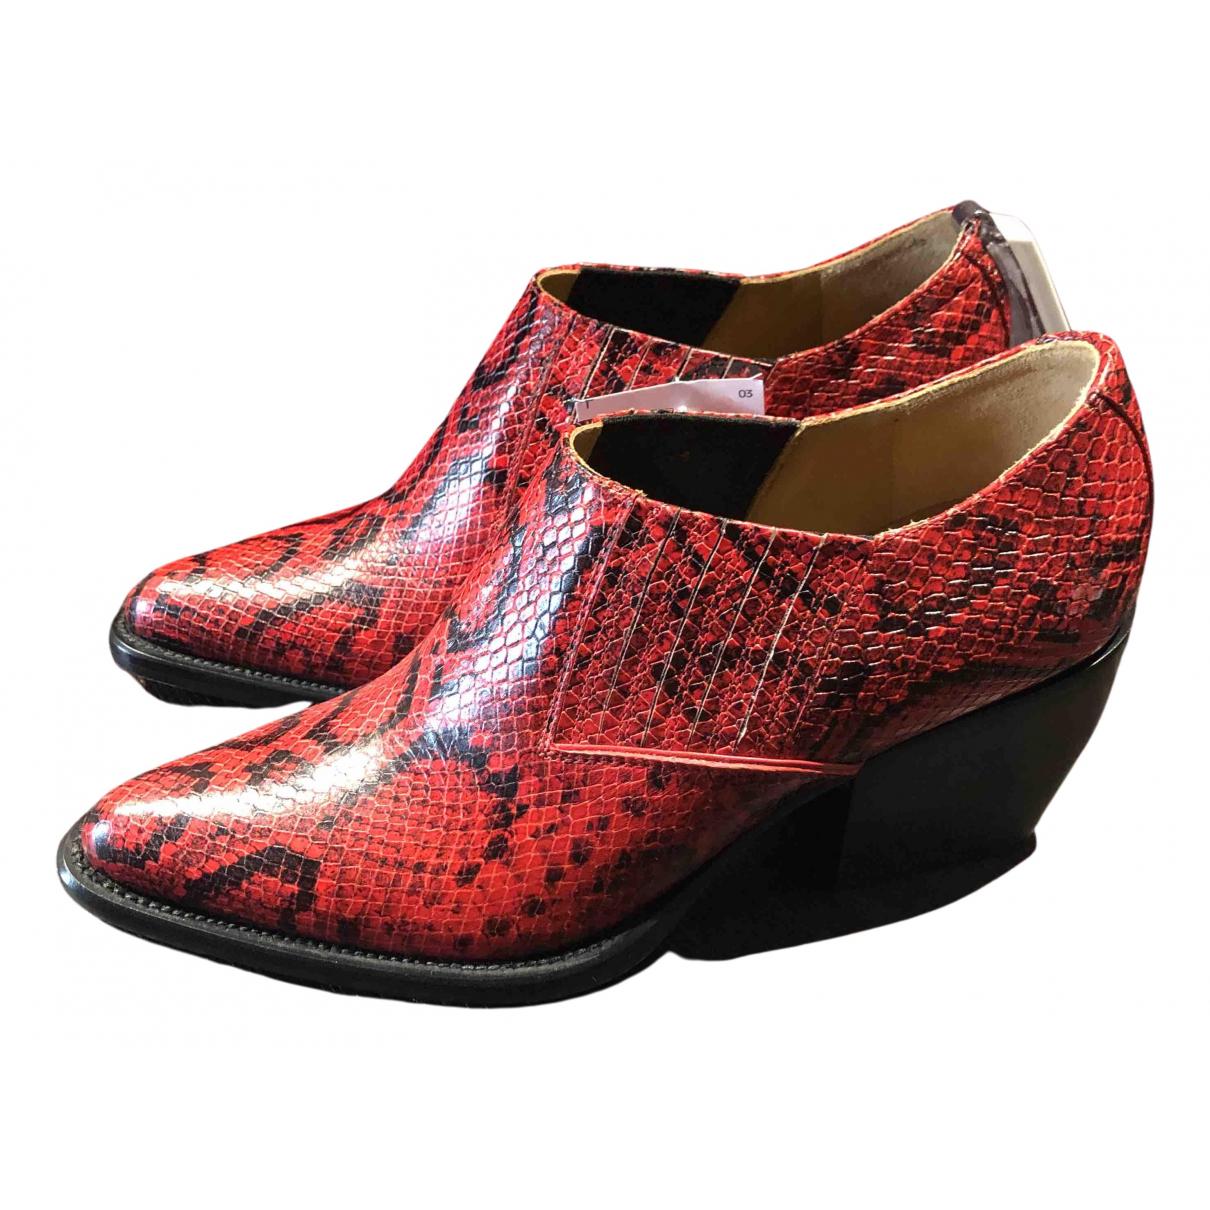 Chloe - Boots Rylee pour femme en cuir - rouge